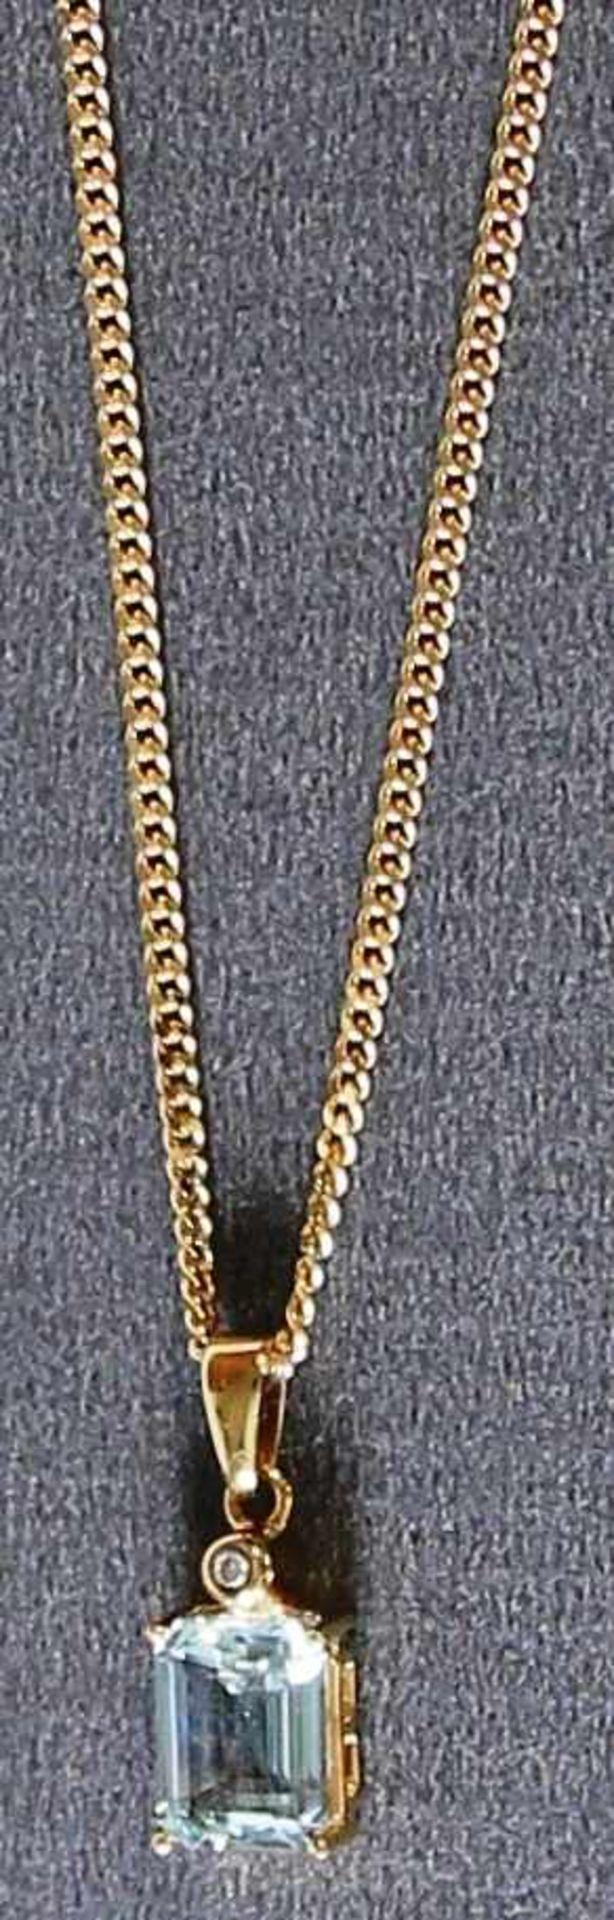 585er Gold Brillant Collier mit Aquamarin, NOS Brillant 0,015 ct., W/Si, 52 cm lange Panzerkette,